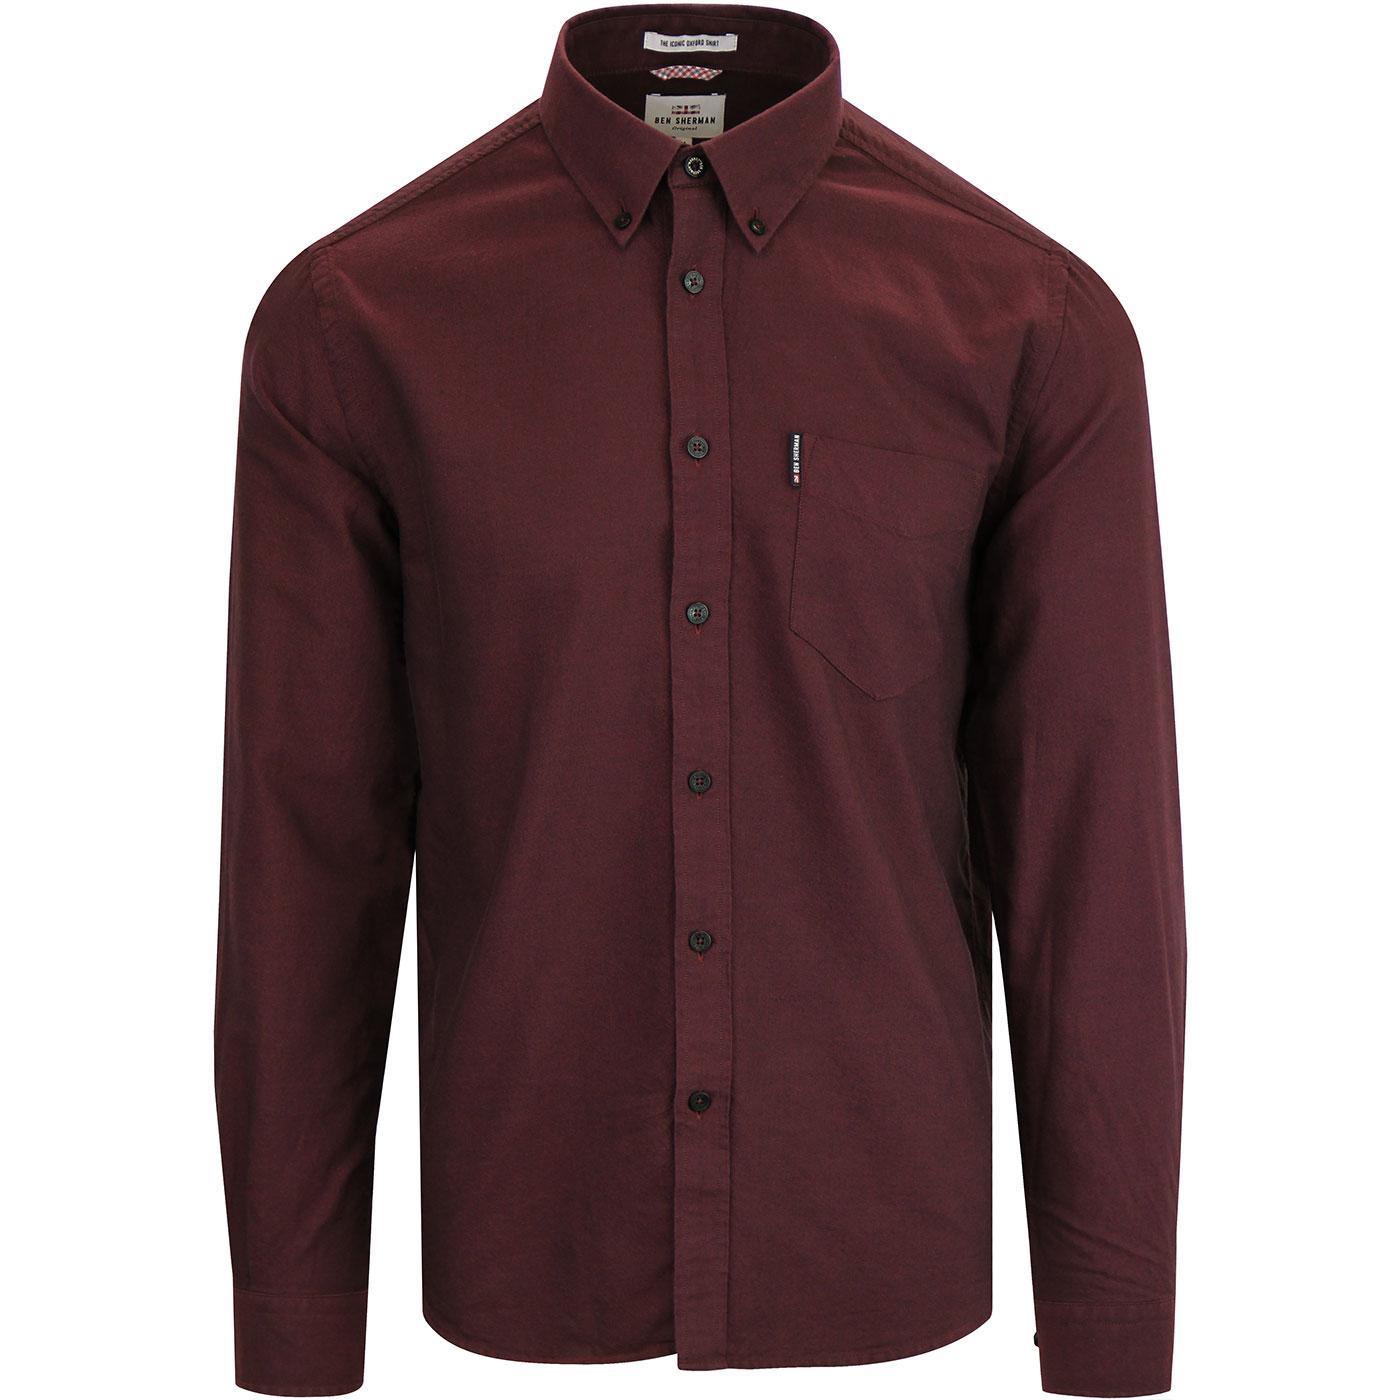 BEN SHERMAN Mod Button Down Oxford Shirt WINE